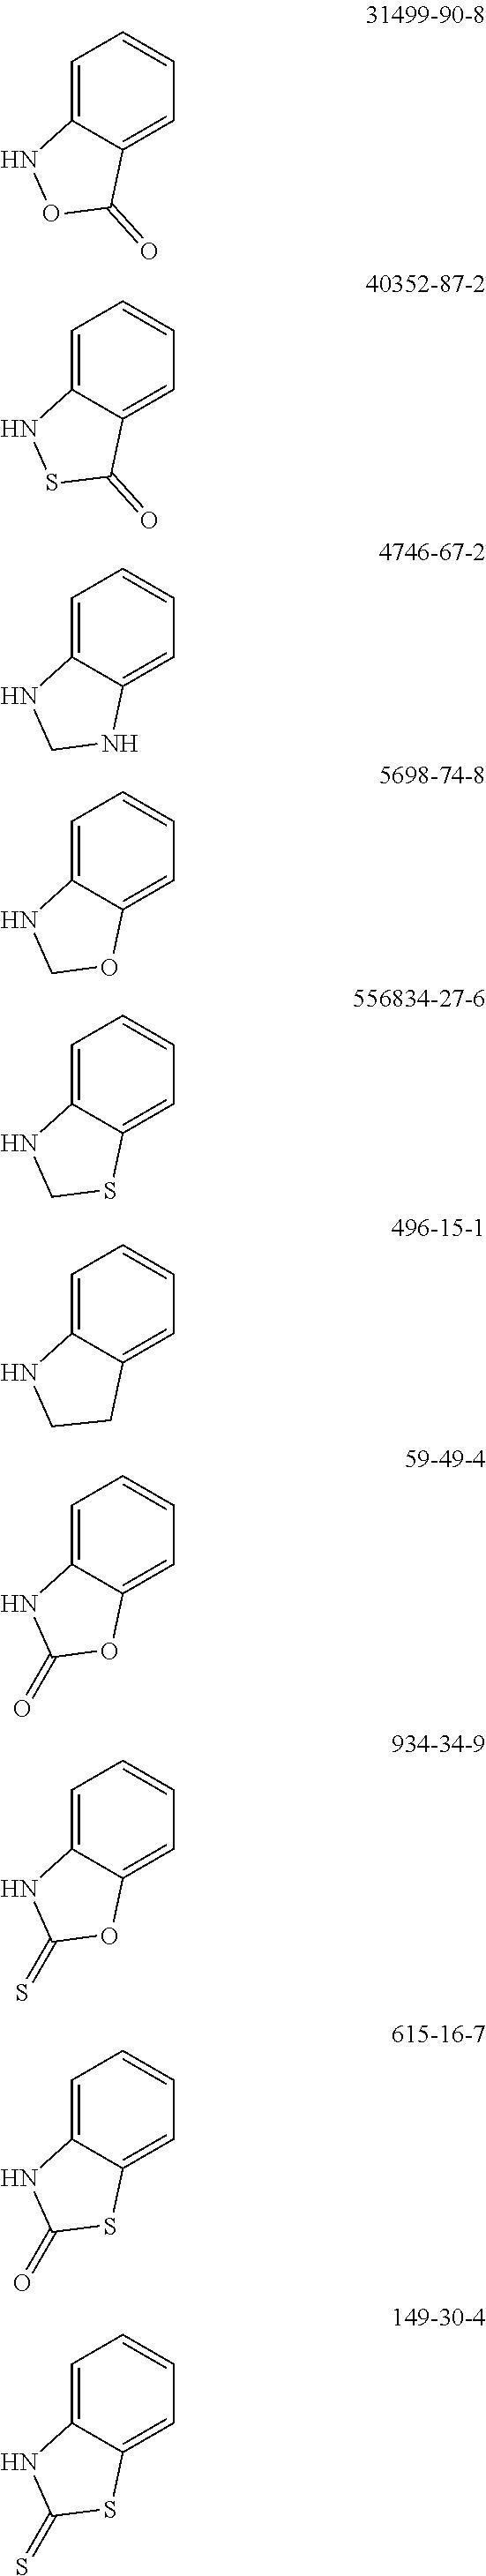 Figure US09951087-20180424-C00076